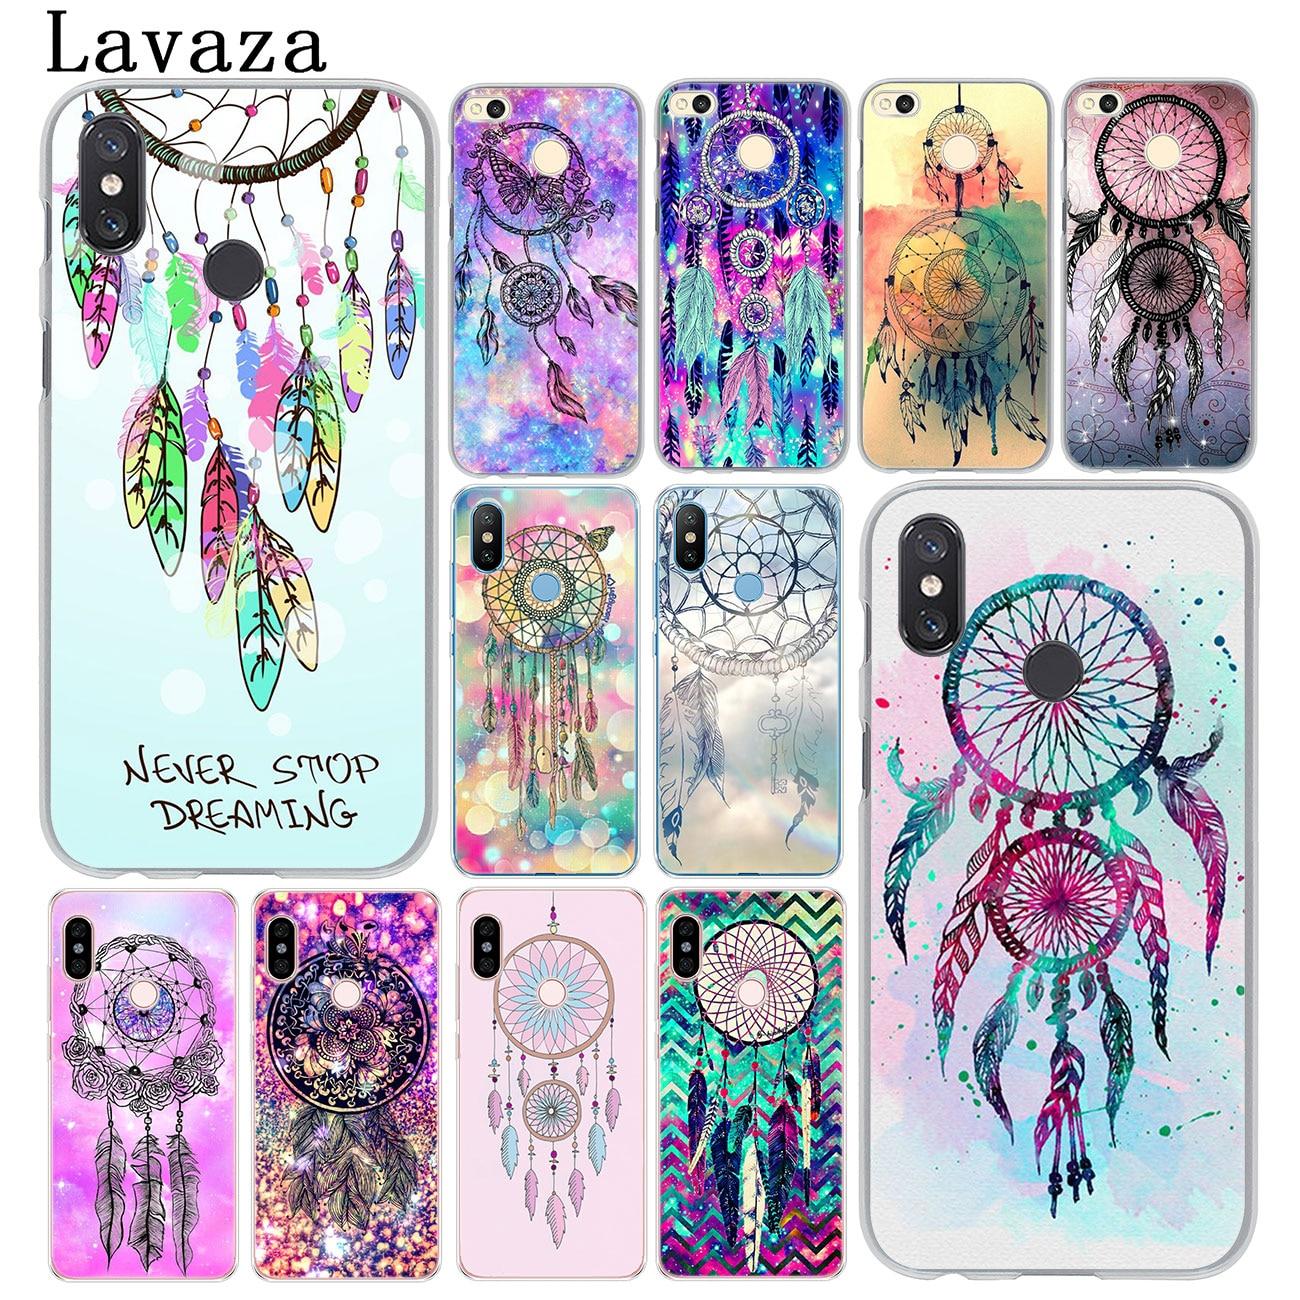 Lavaza Dream catcher watercolor dreamcatcher Phone Case for Xiaomi MI 9 9T A3 PRO CC9 CC9E 8 A2 Lite SE A1 pocophone f1 6X MAX 3